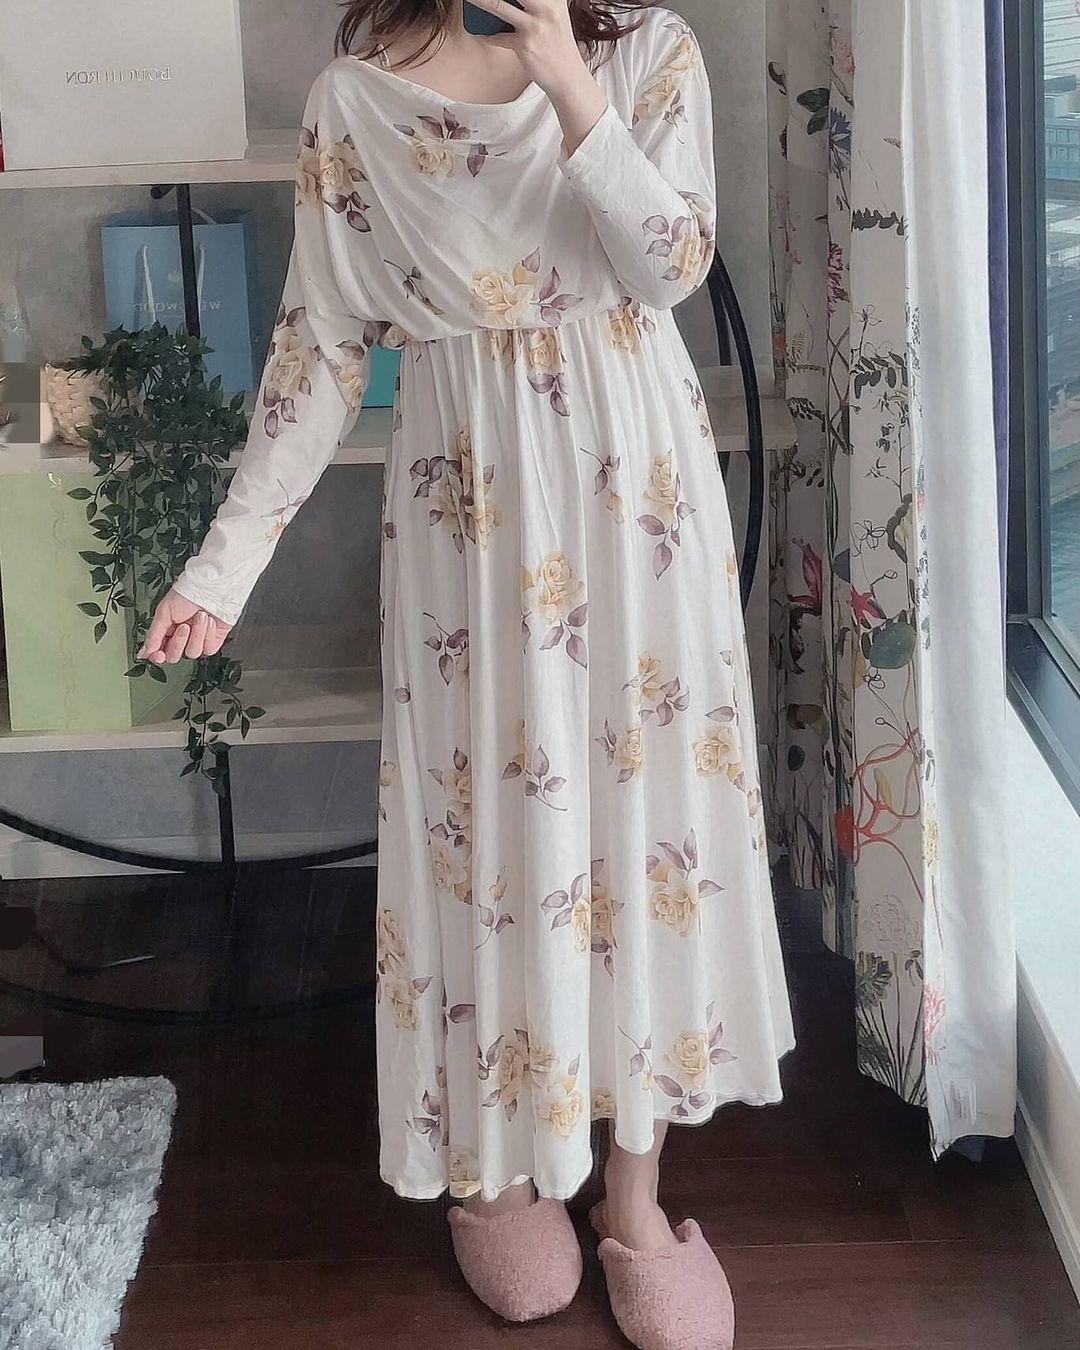 ヴィンテージローズロングドレスの画像